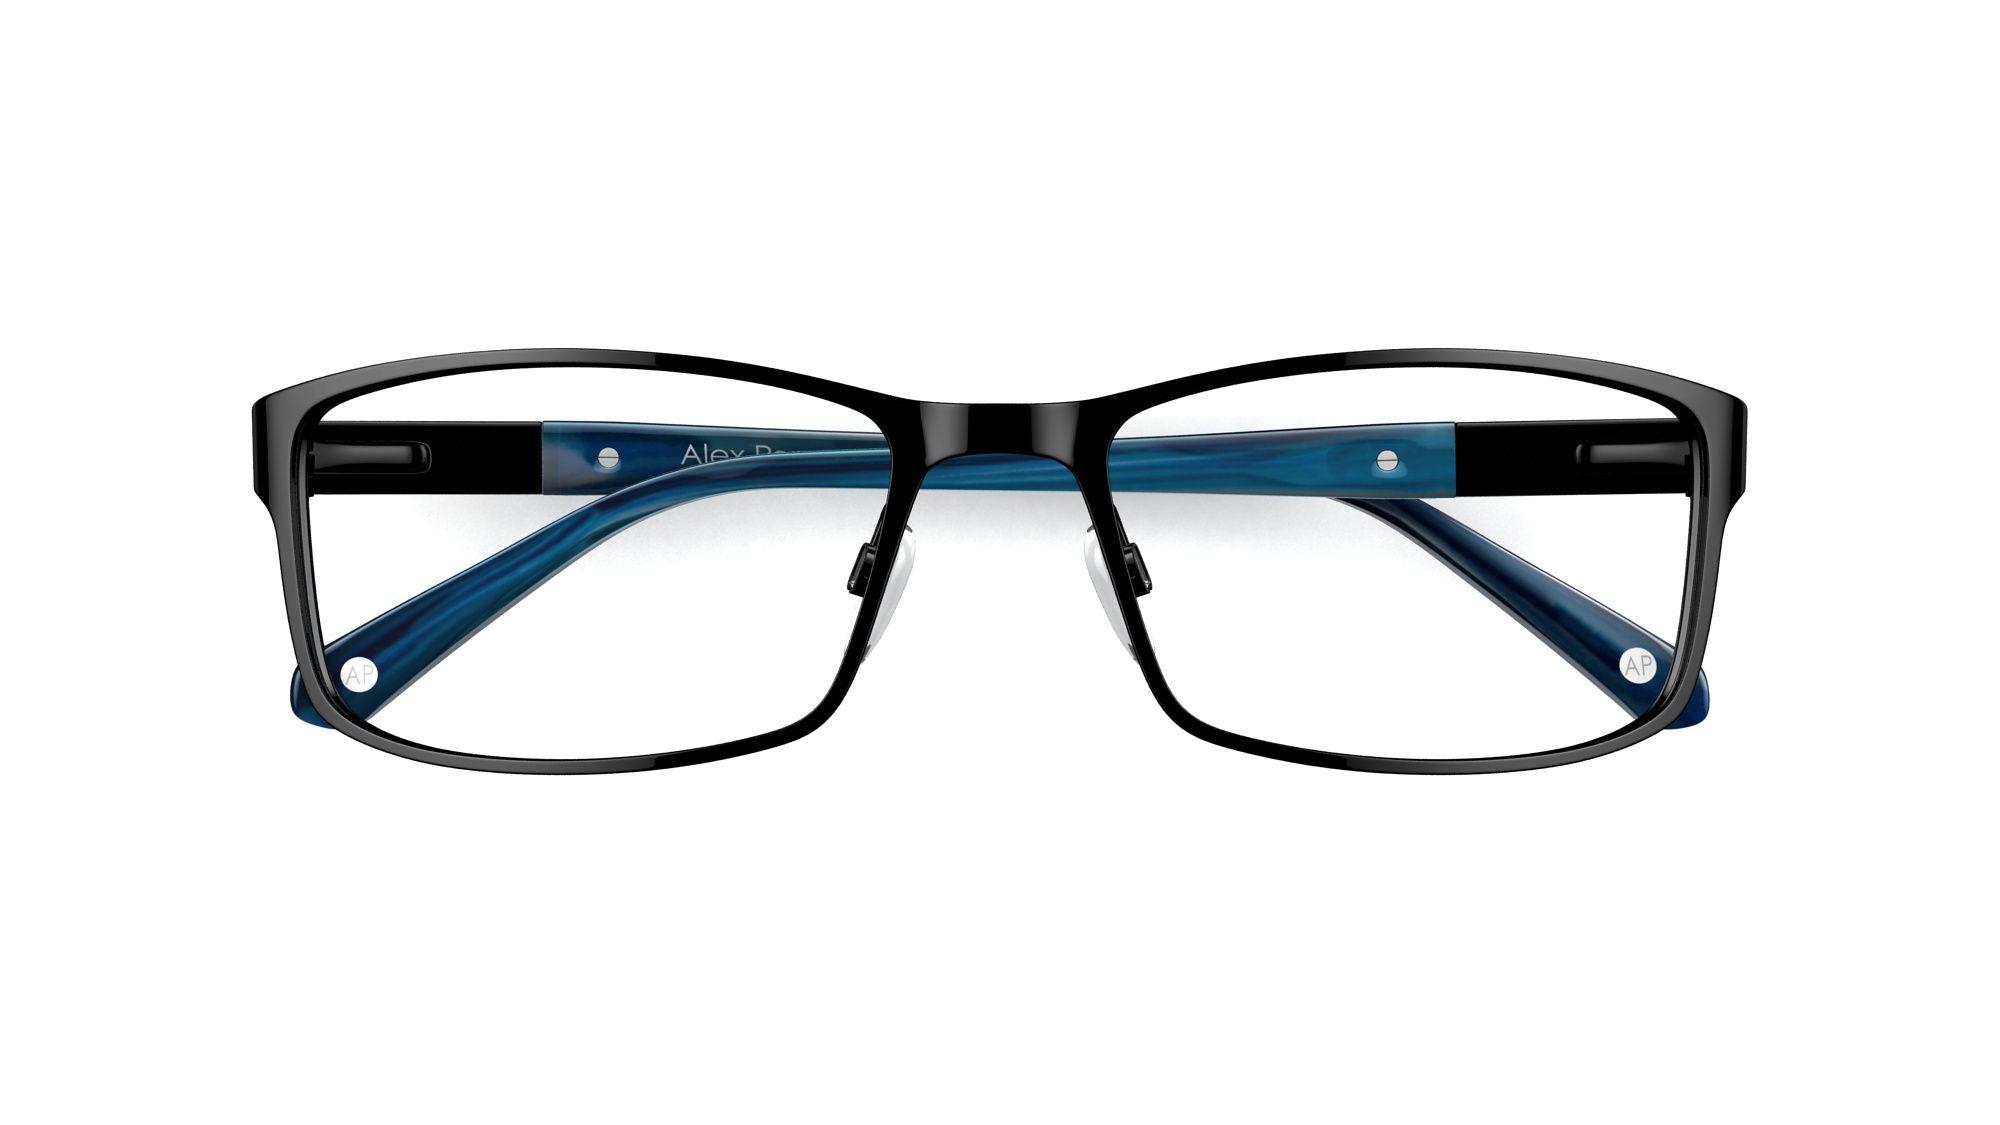 1d6e3c2b7e Alex Perry glasses - AP MEN 12